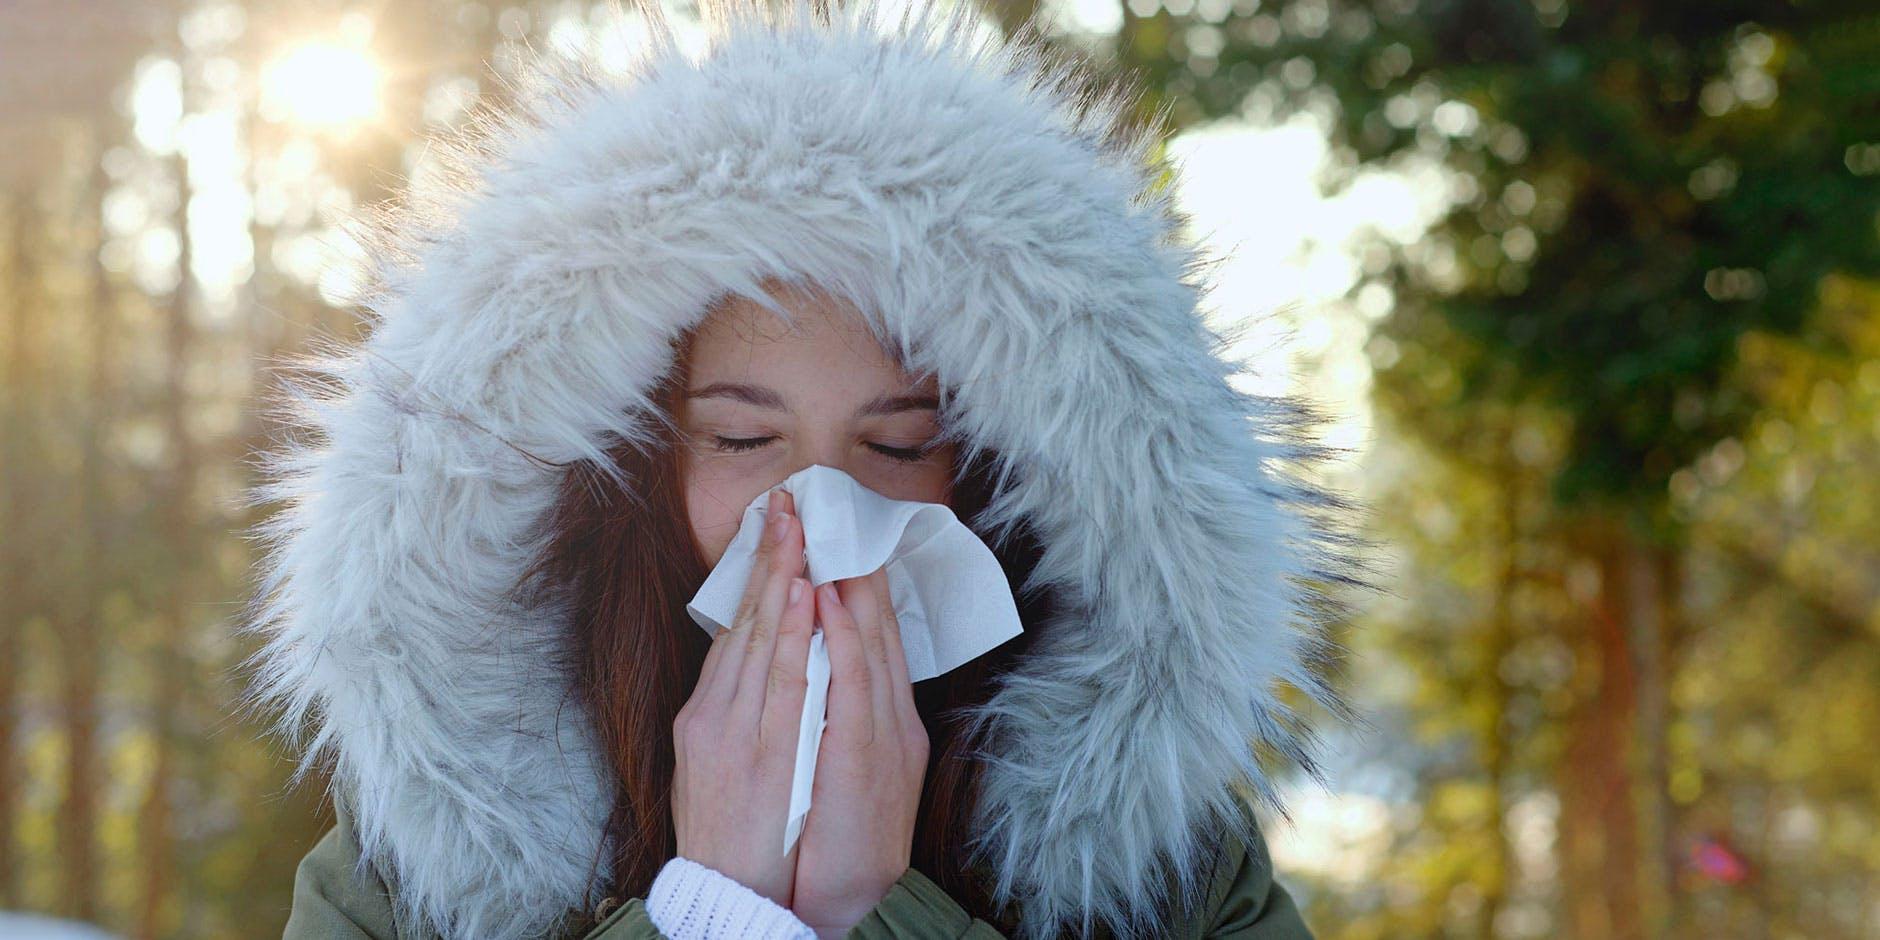 Nasenatmung: Eine junge Frau, befreit von ihrer verstopften Nase, neigt ihren Kopf lächelnd in die Sonne